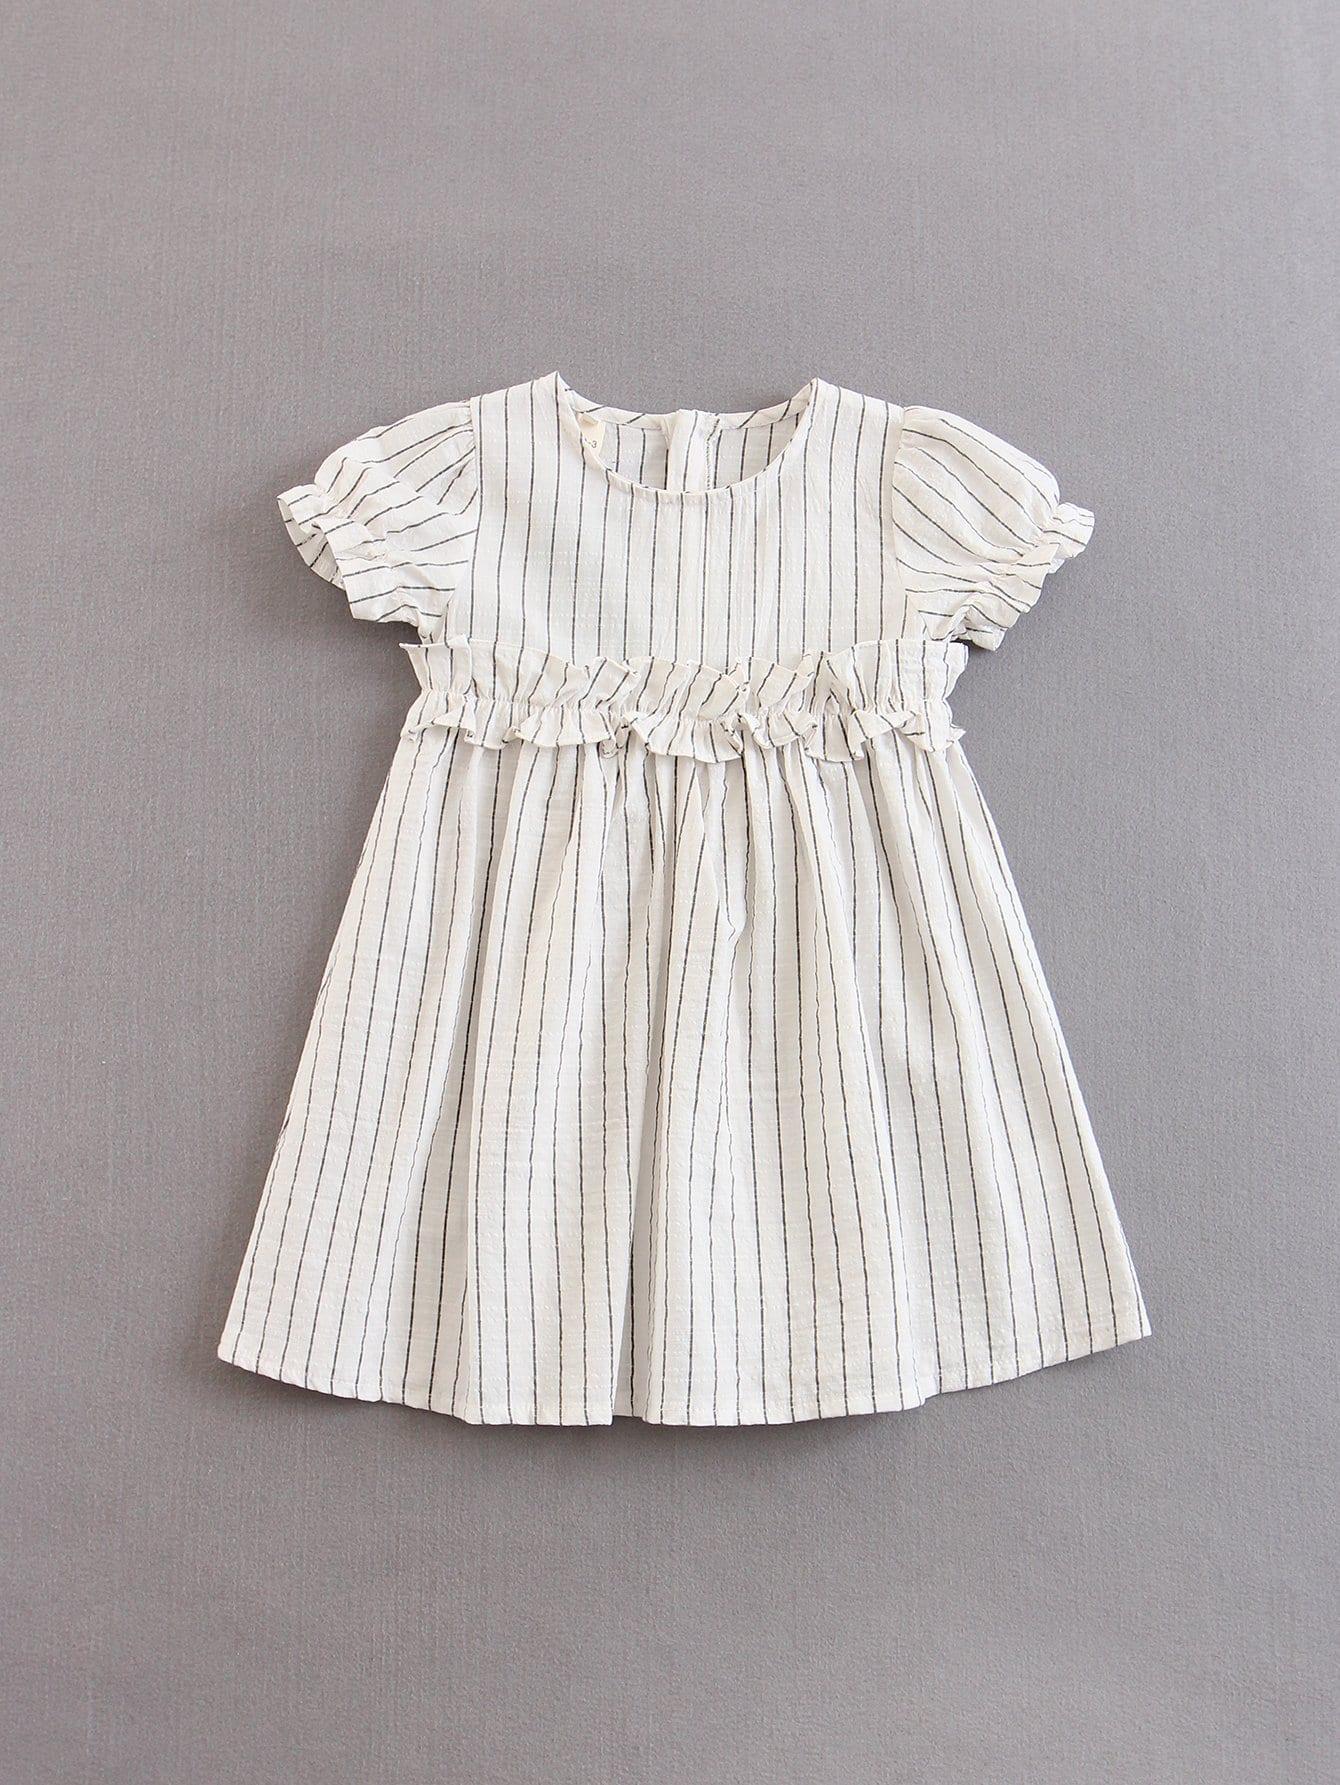 Купить Платье с полосками для детей, null, SheIn